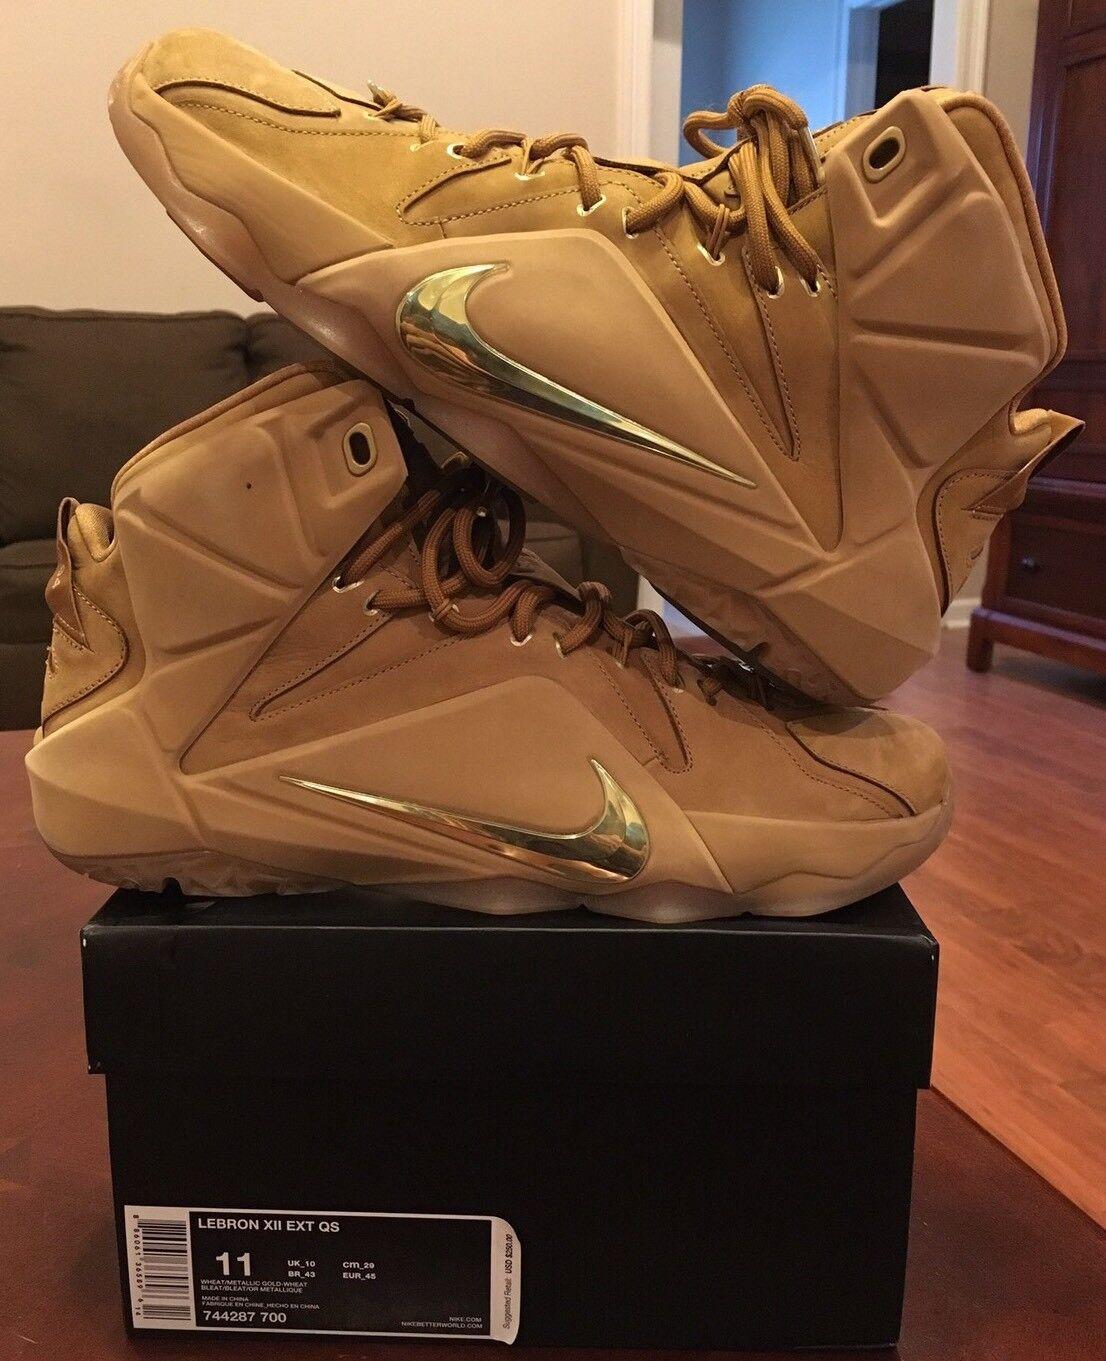 Nike air zoom lebron 12 xii weizen tan soldat, was was soldat, der bhm allstar menge jordan. b969ec